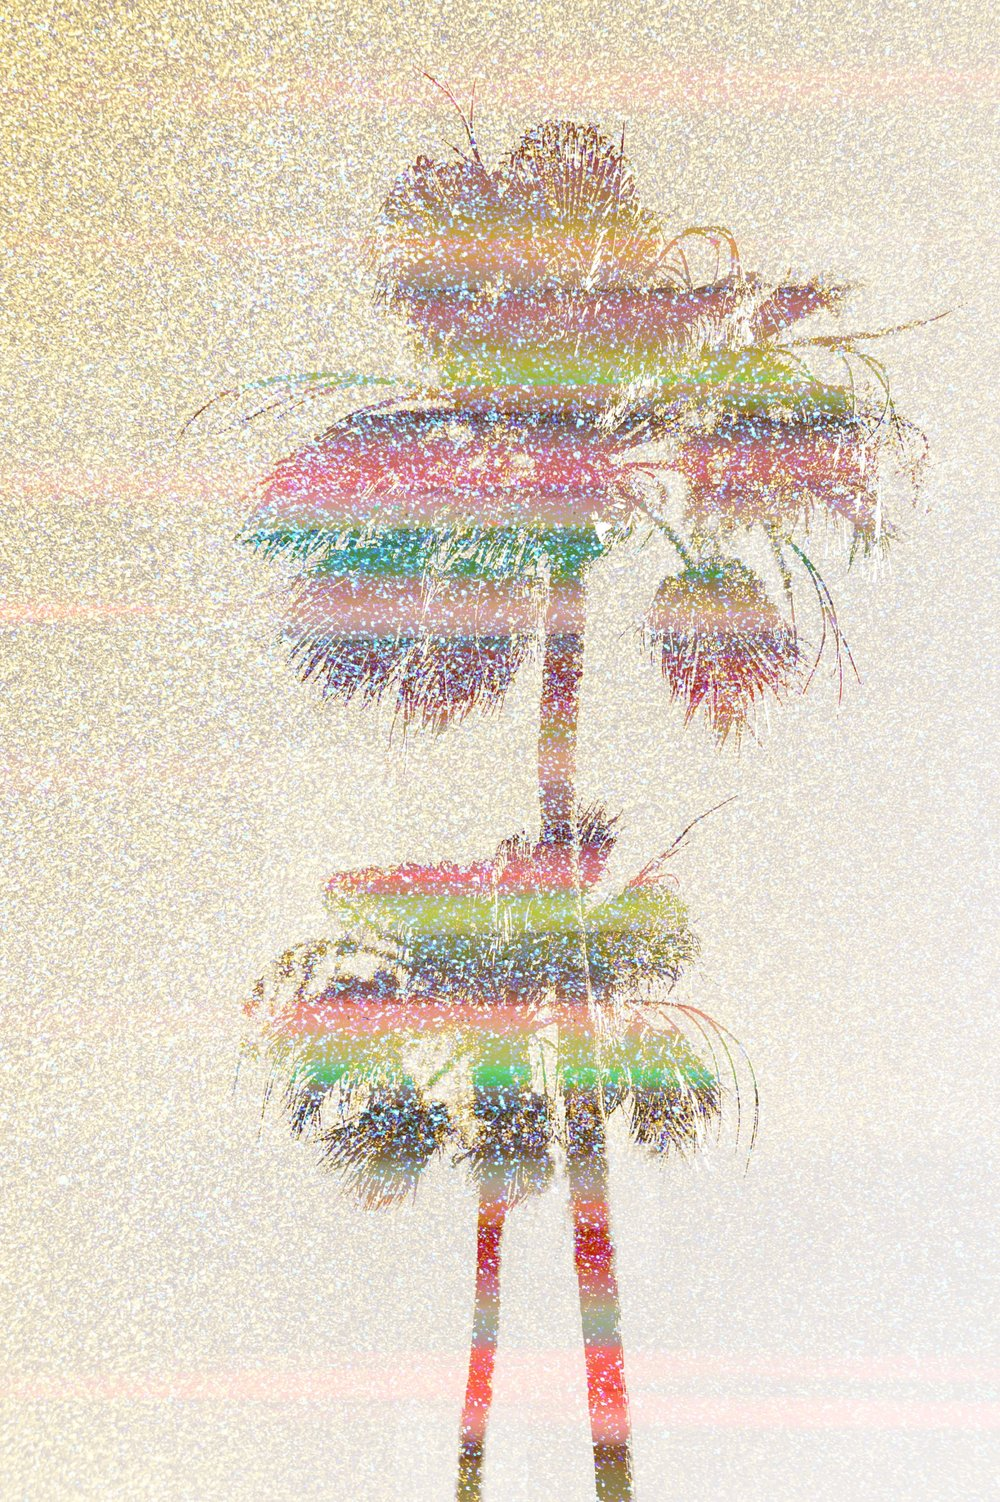 palms_27503740427_778440eb0f_o.jpg